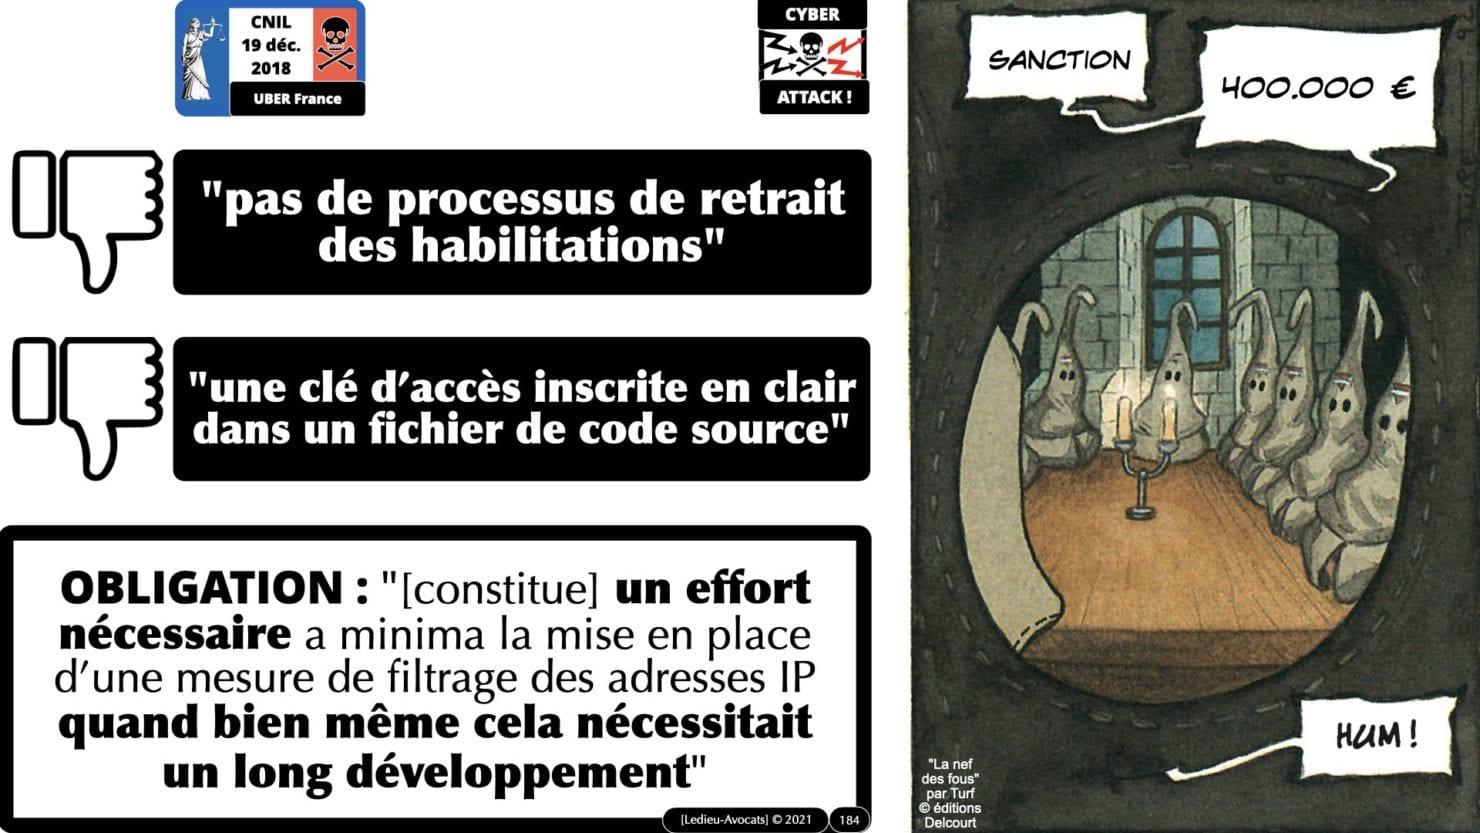 333 CYBER ATTAQUE responsabilité pénale civile contrat © Ledieu-Avocats 23-05-2021.184